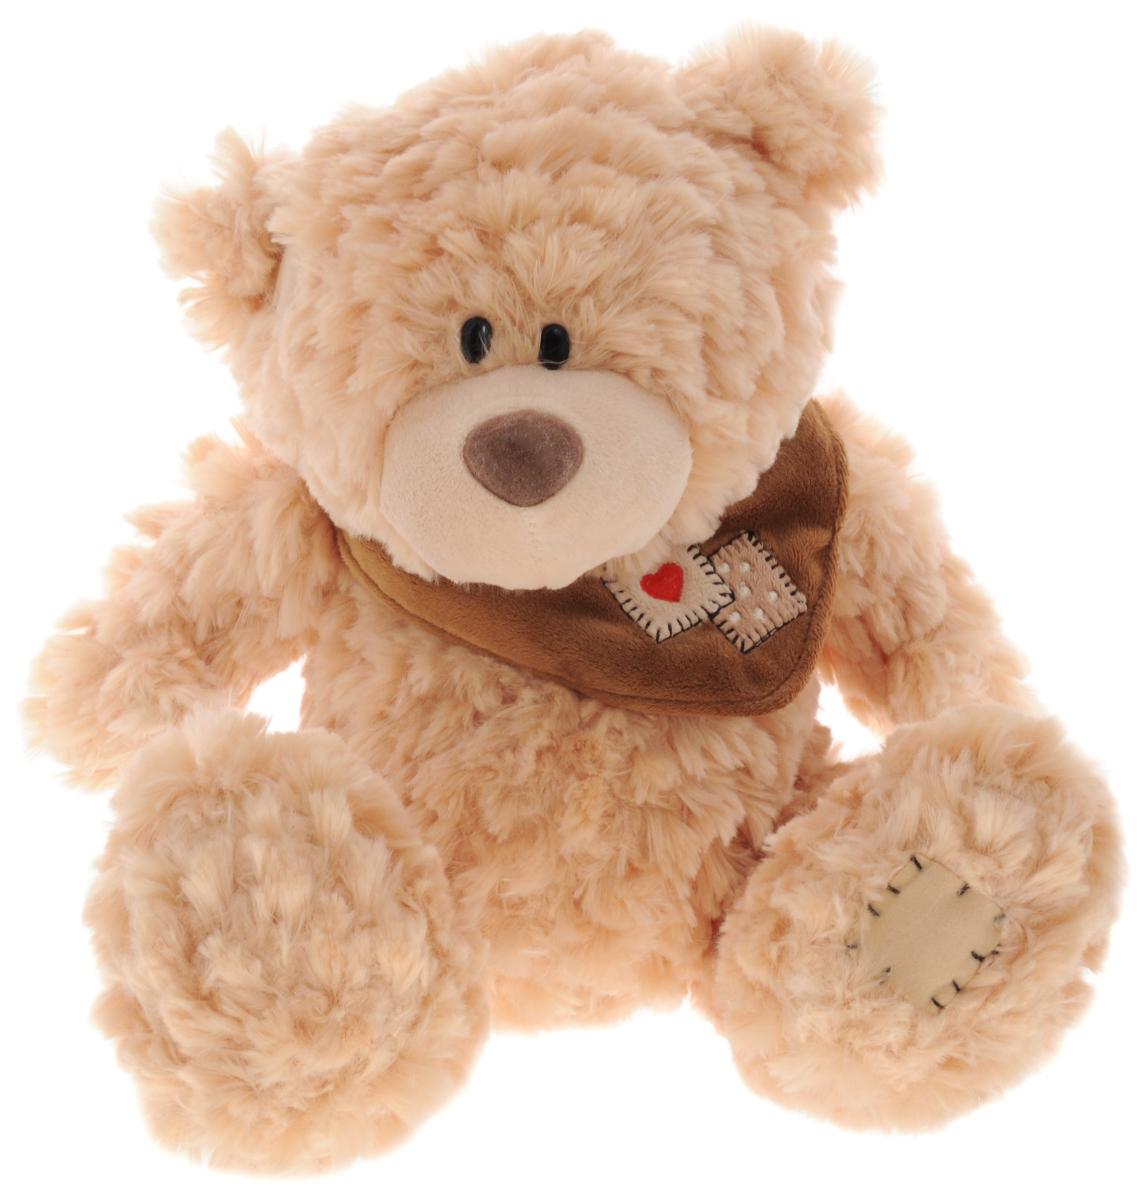 Plush Apple Мягкая музыкальная игрушка Медведь с шарфом цвет светло-рыжий 41 смK76163A3,A4_ светло-рыжийМягкая музыкальная игрушка Plush Apple Медведь с шарфом, выполненная в виде симпатичного медвежонка, вызовет умиление и улыбку у каждого, кто ее увидит. При каждом нажатии на животик мишки, он будет петь успокаивающую колыбельную песенку. Плюшевый мишка произведен из безопасных и высококачественных материалов. Мишка украшен стильным шарфом. У него пушистая приятная шерстка, черные глаза-бусинки и большие лапки. С ним можно спать, или играть в сюжетно-ролевые игры. Удивительно мягкая игрушка принесет радость и подарит своему обладателю мгновения нежных объятий и приятных воспоминаний.